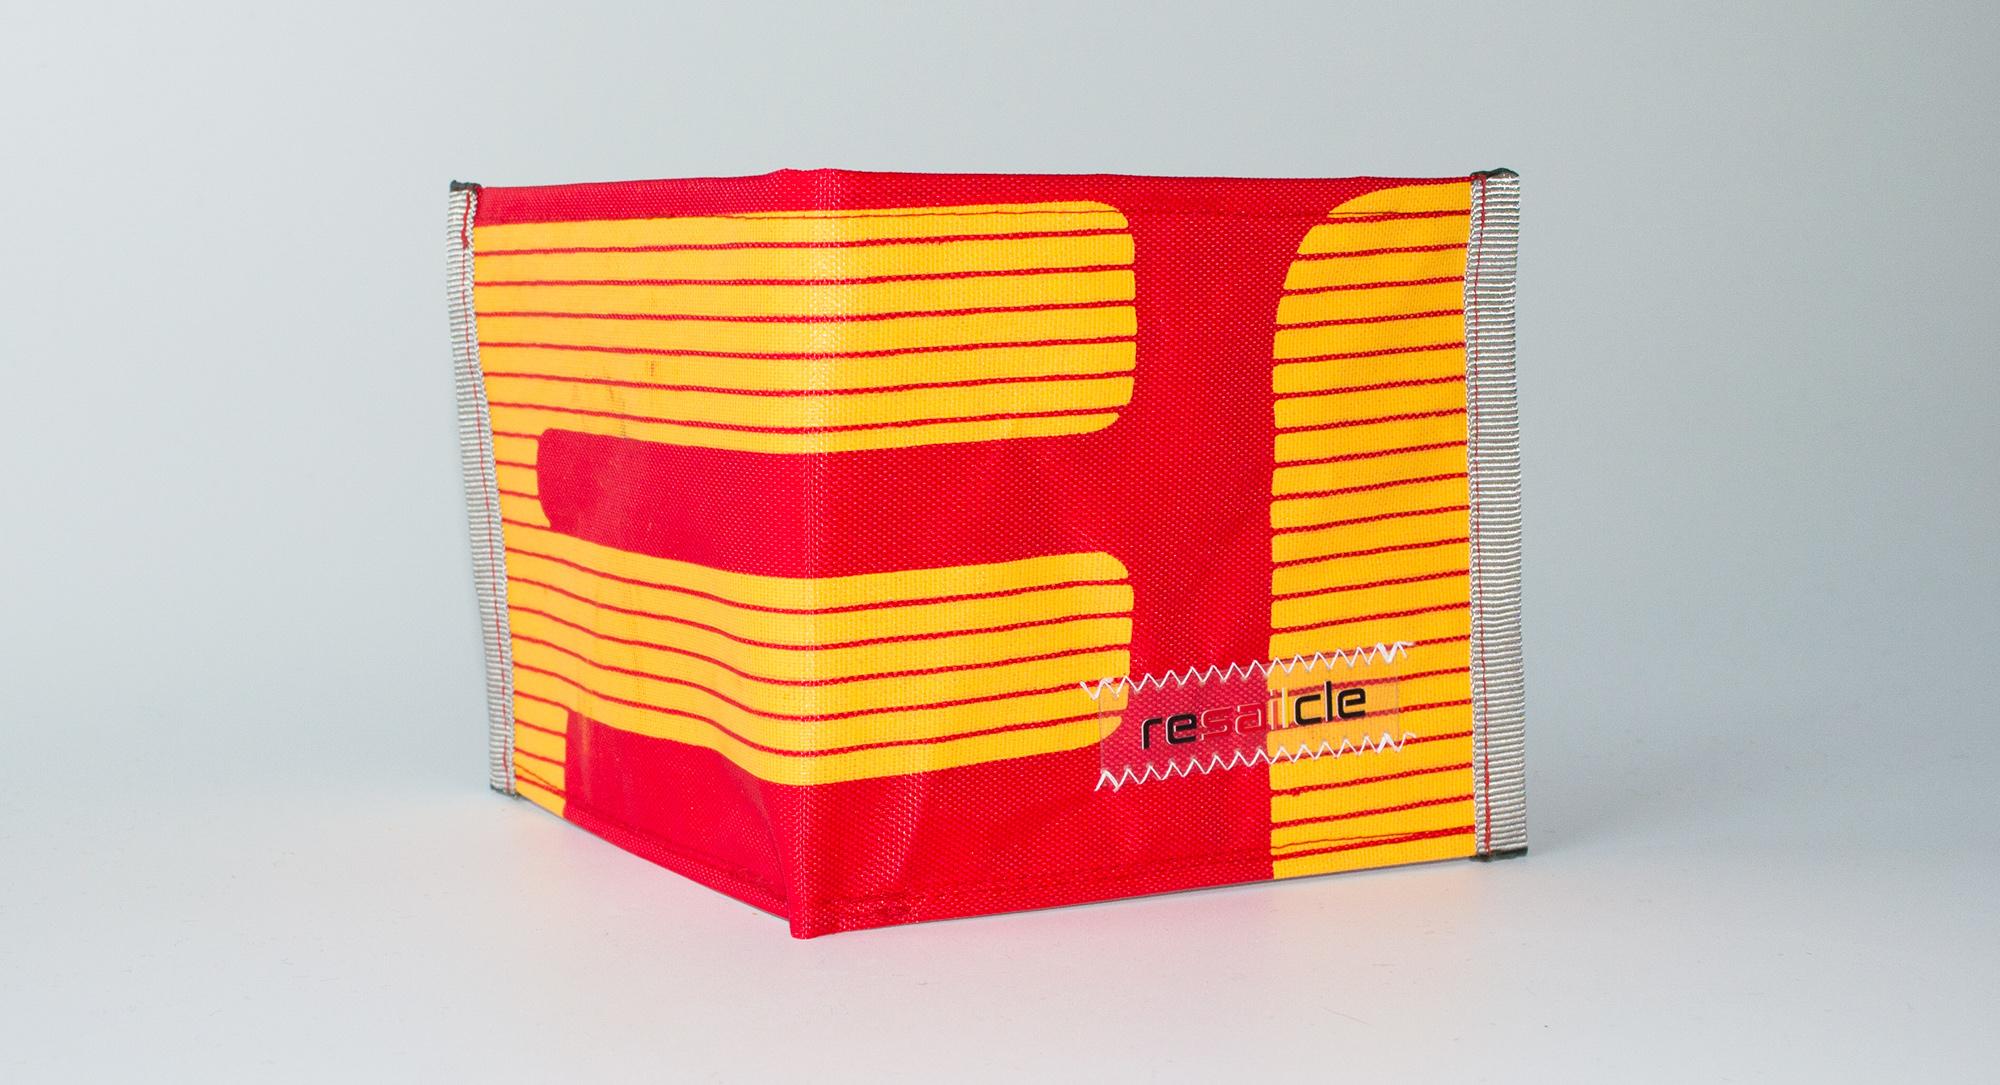 ReSailCle - Severne freek wallet